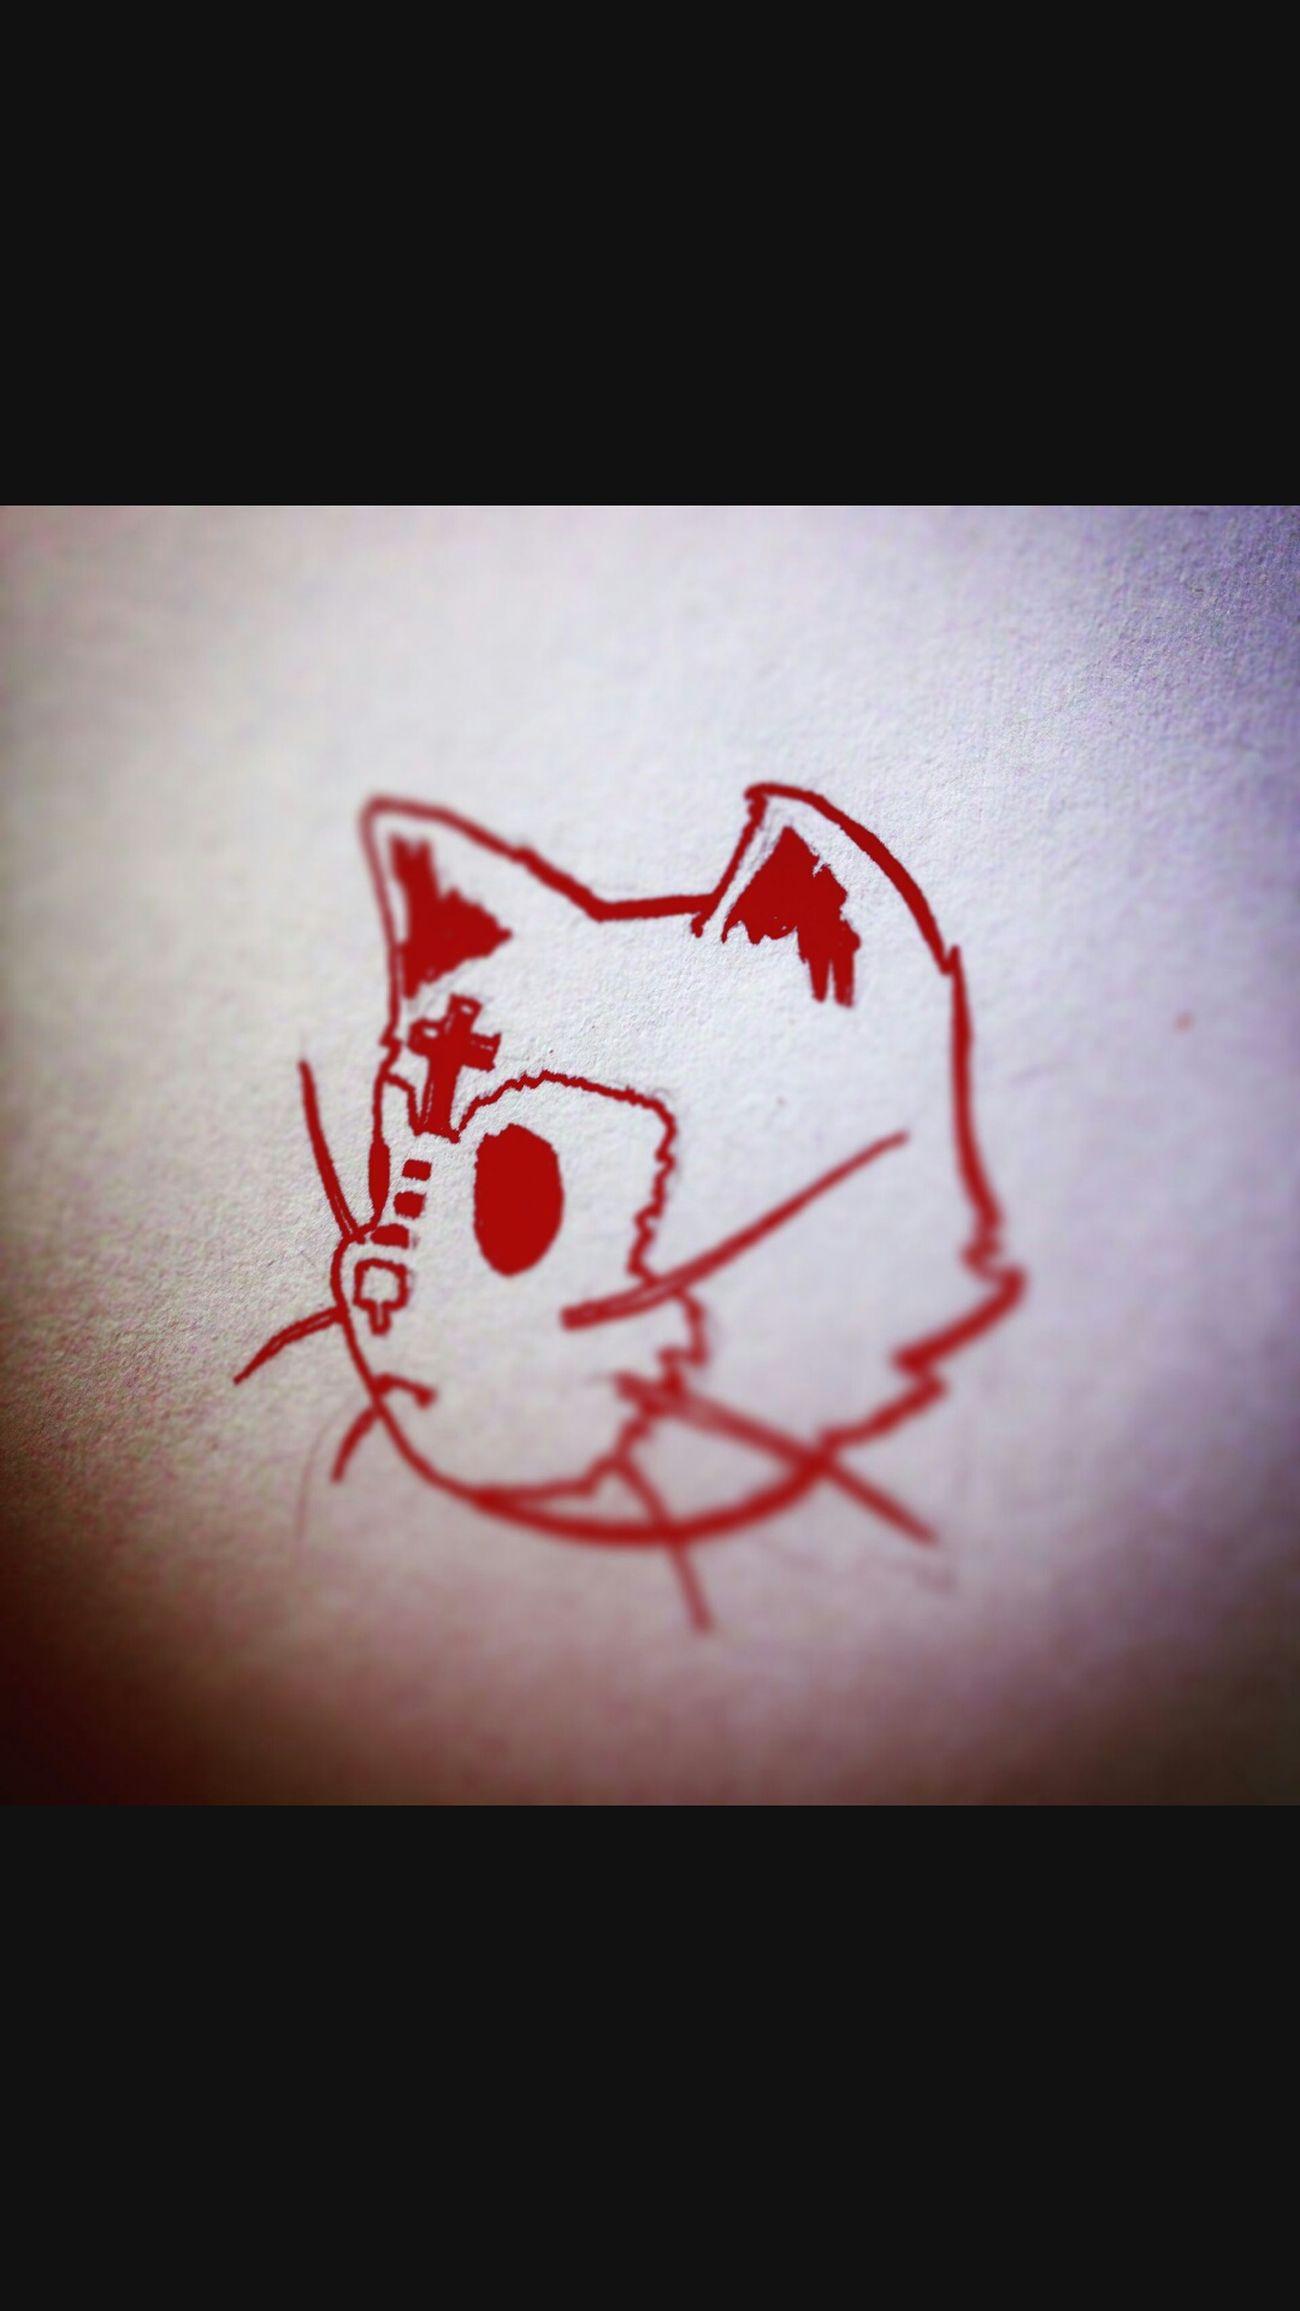 Tattos Red Working Göztepe Küçükyalı Tattoo Design Bostancı Kartal Tattooedgirls Tattooartist